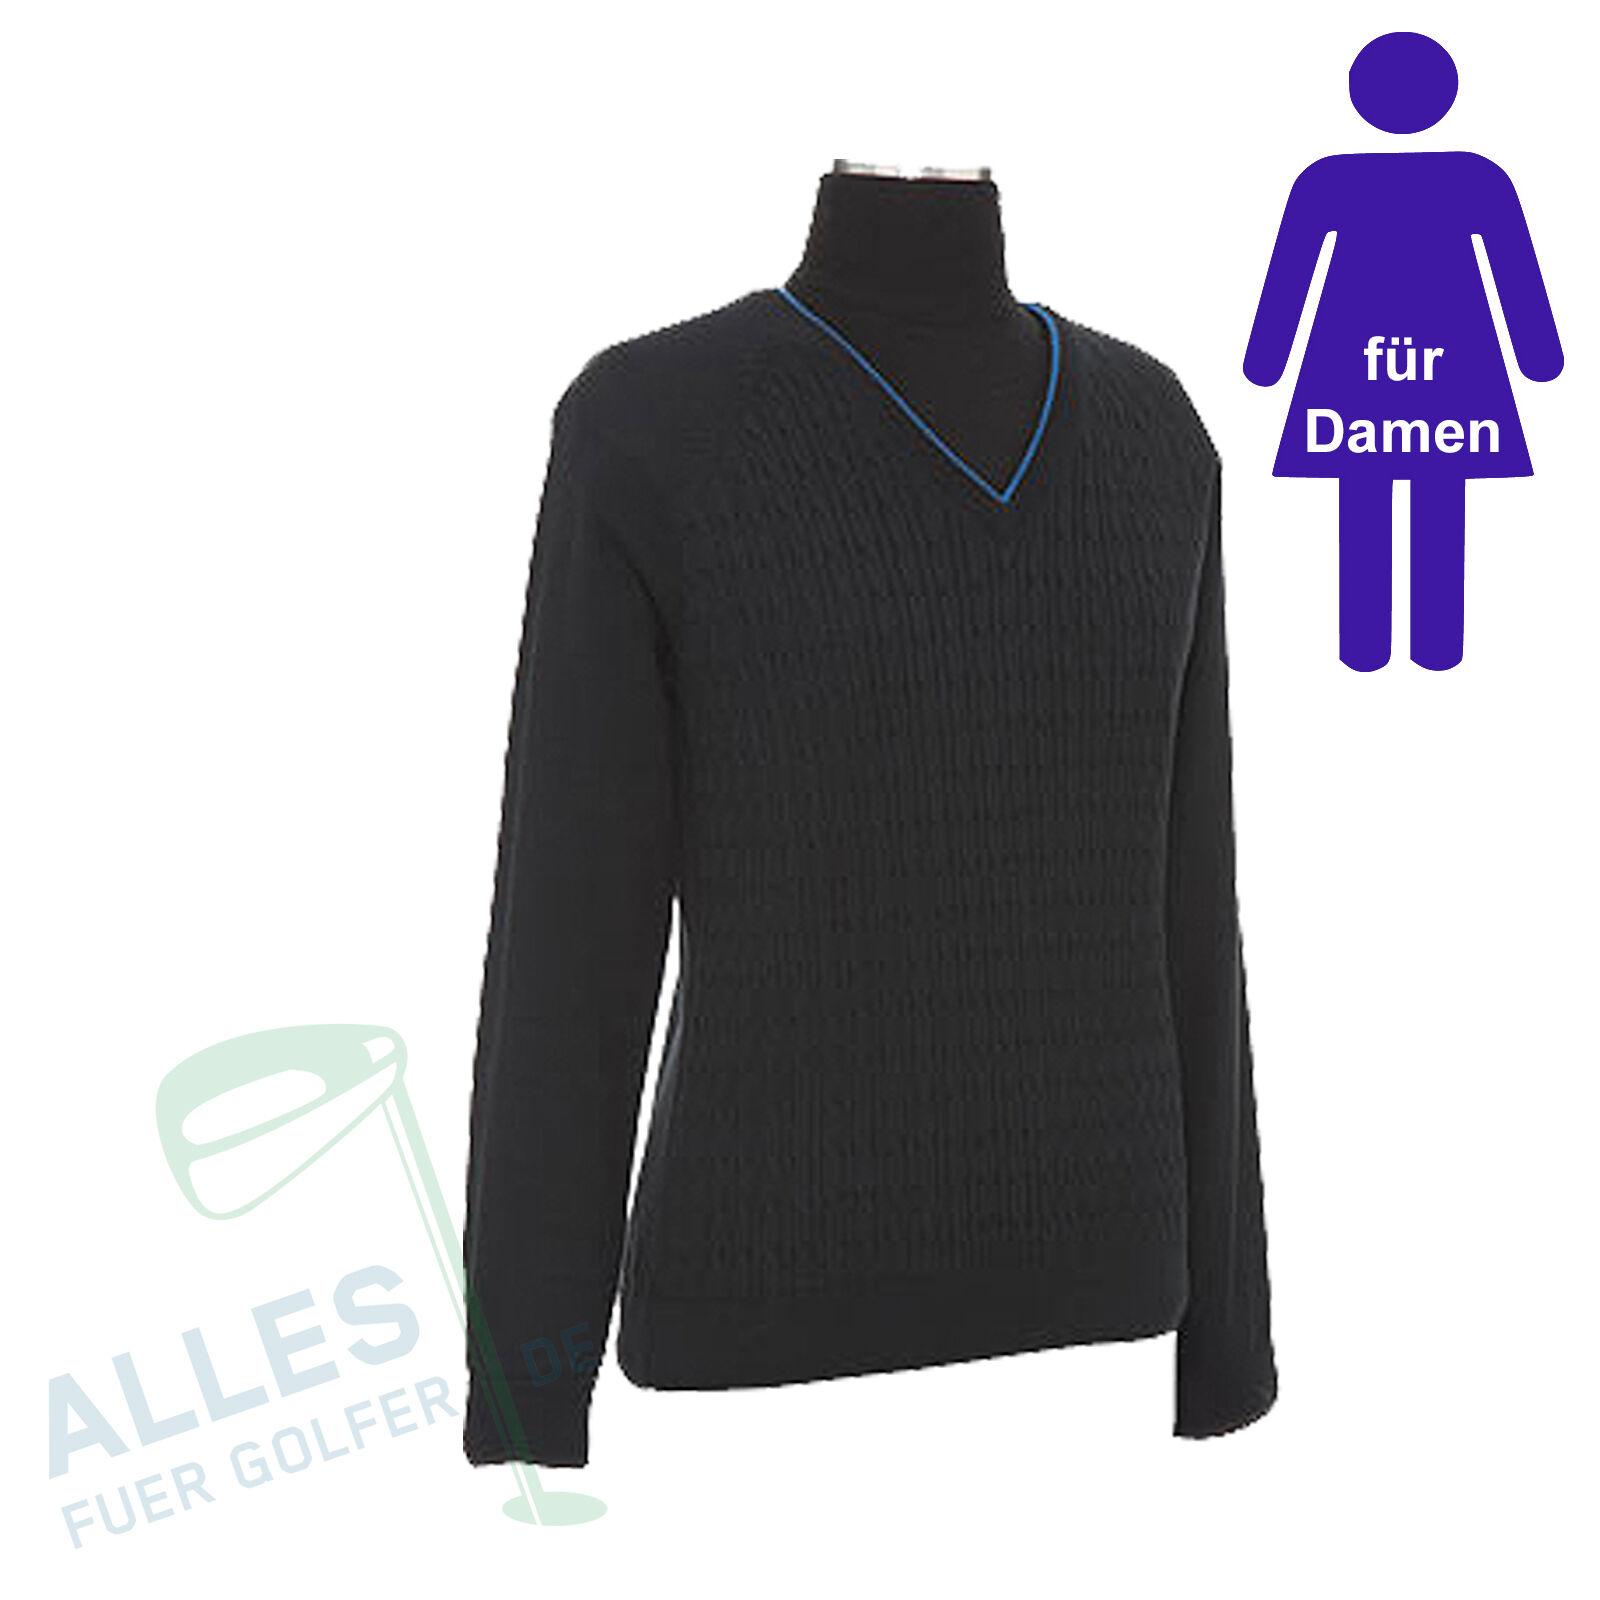 Callaway Pullover Maglia per donna 100% COTONE COTONE COTONE NERO 36 NUOVO conf. orig. rechng c7219d